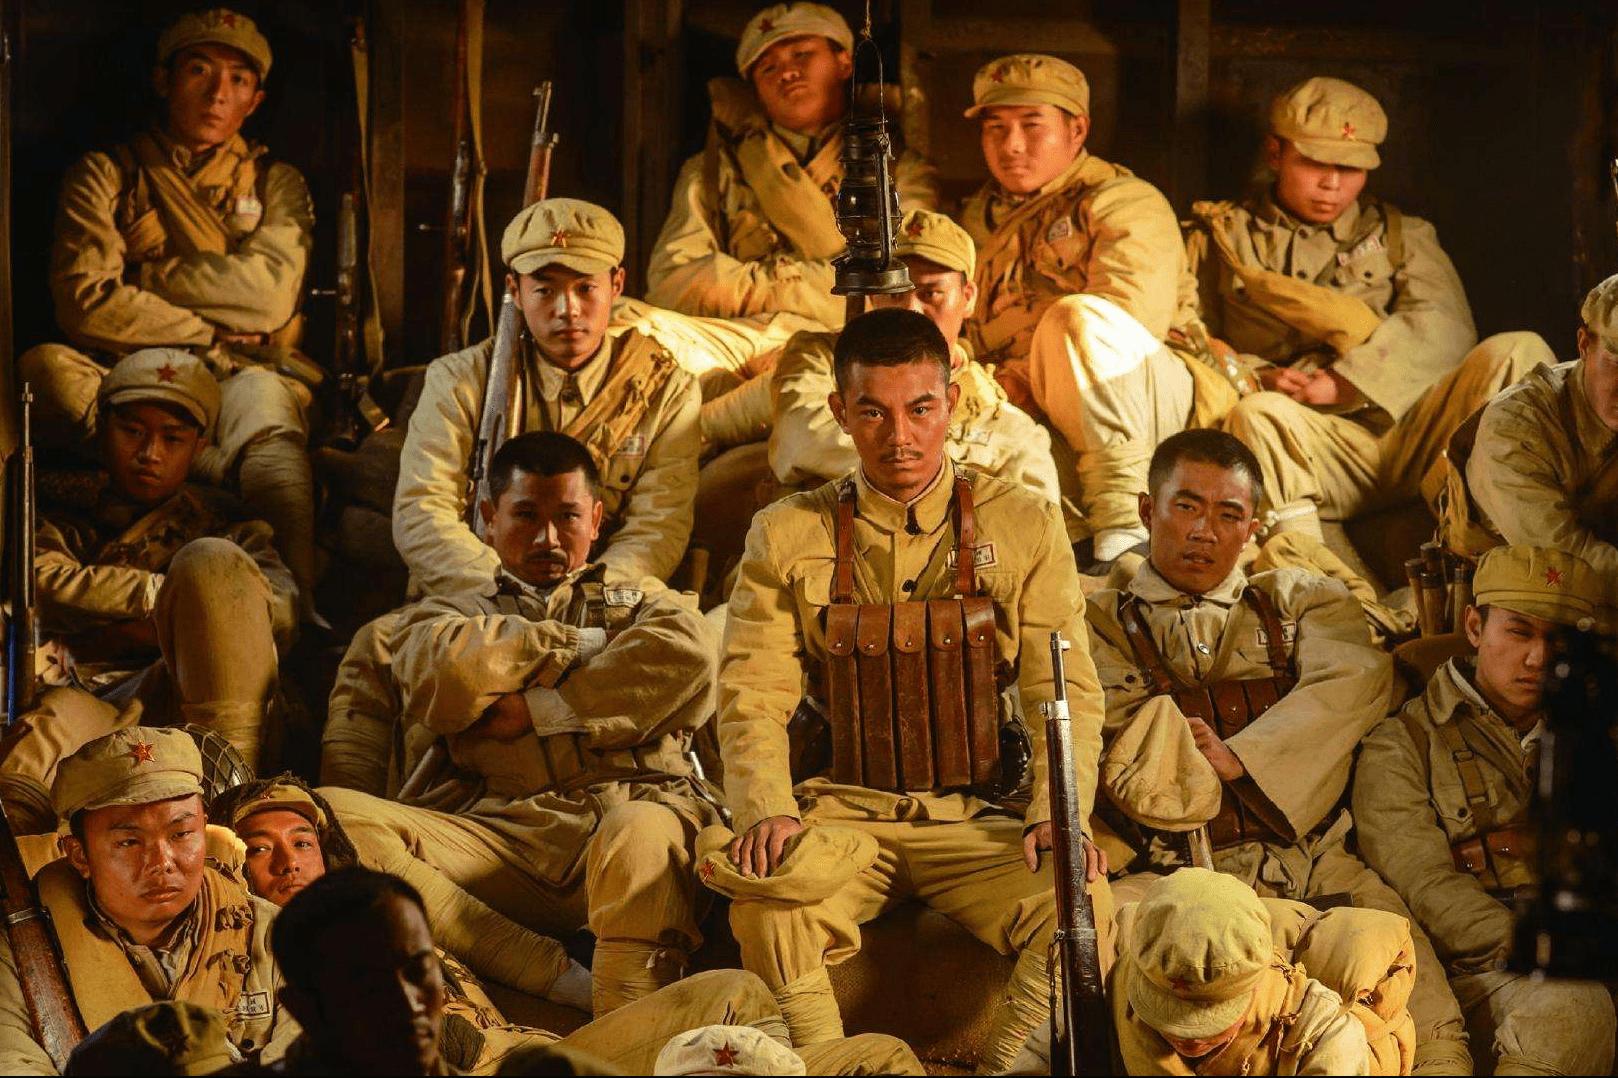 备受好评的《战火熔炉》,军事细节丰富,网友:拍13集太短了